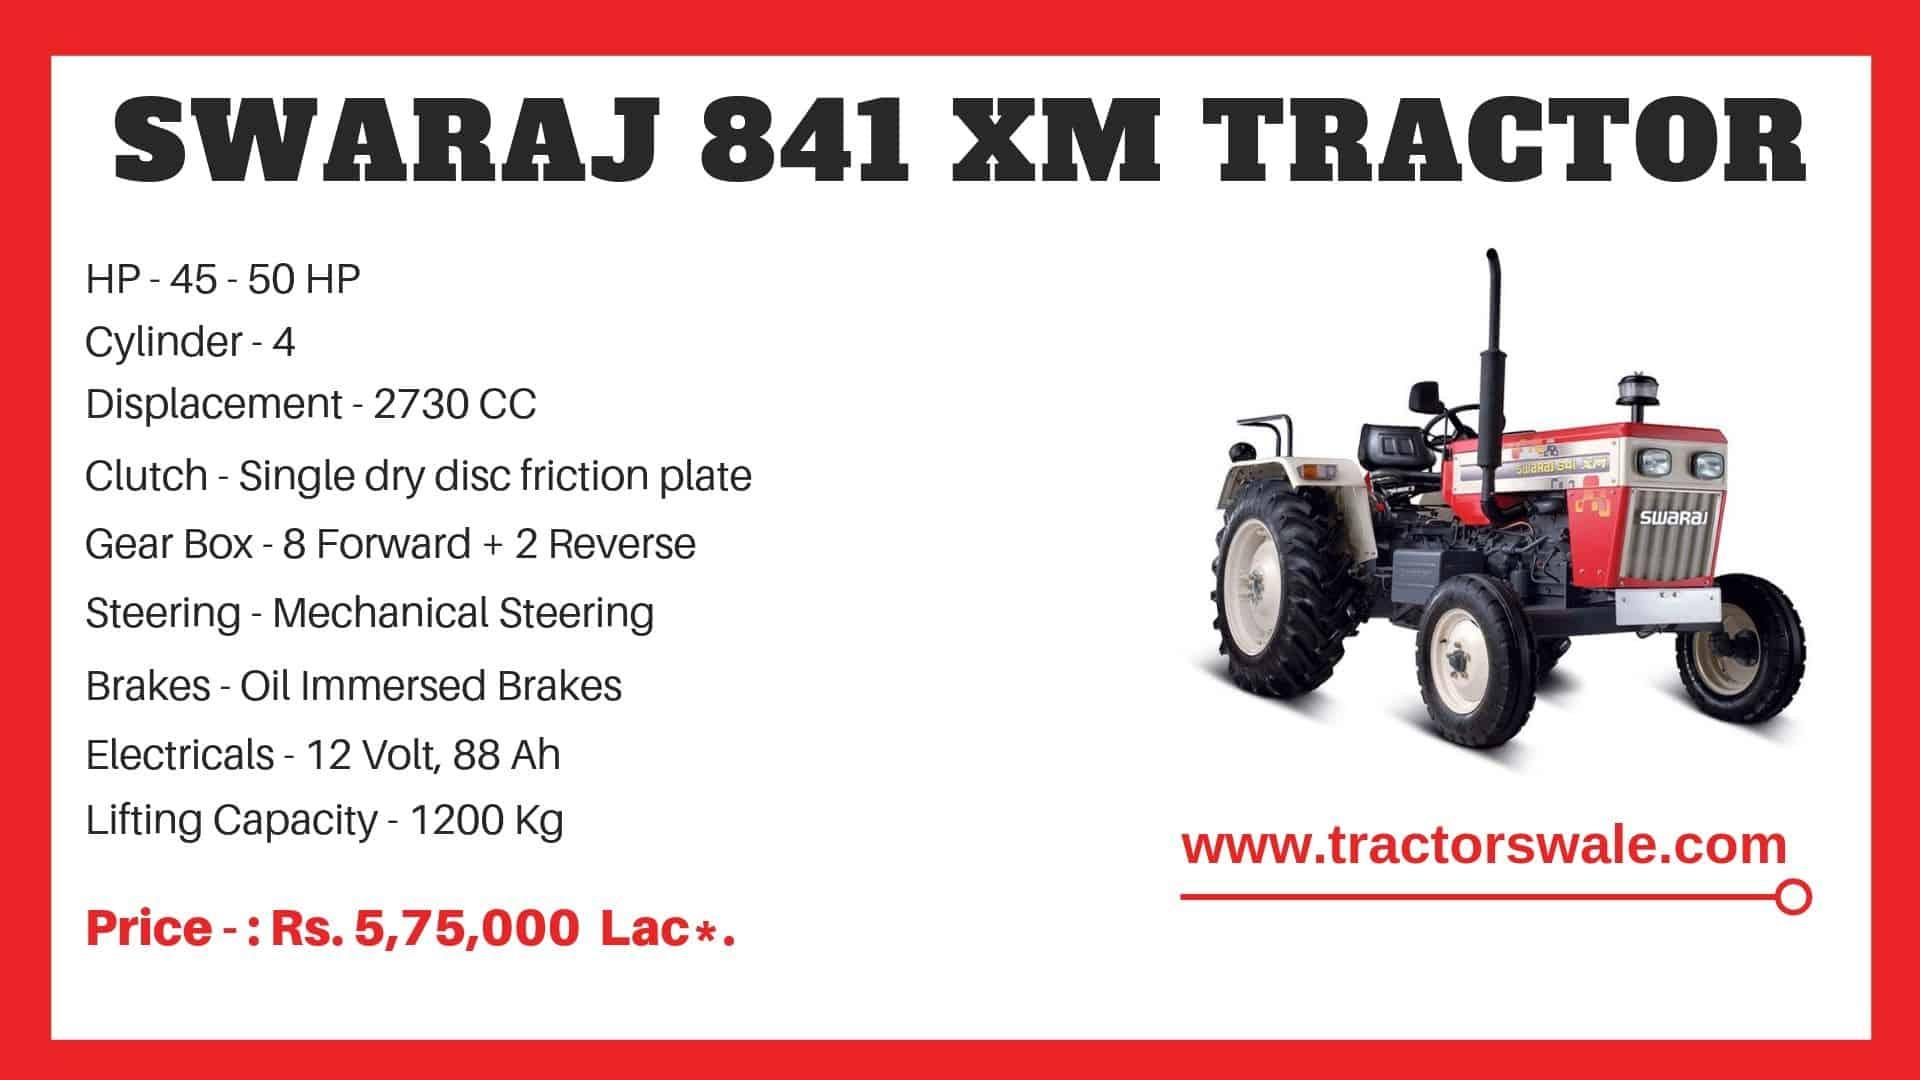 Specification of Swaraj 841 XM Tractor